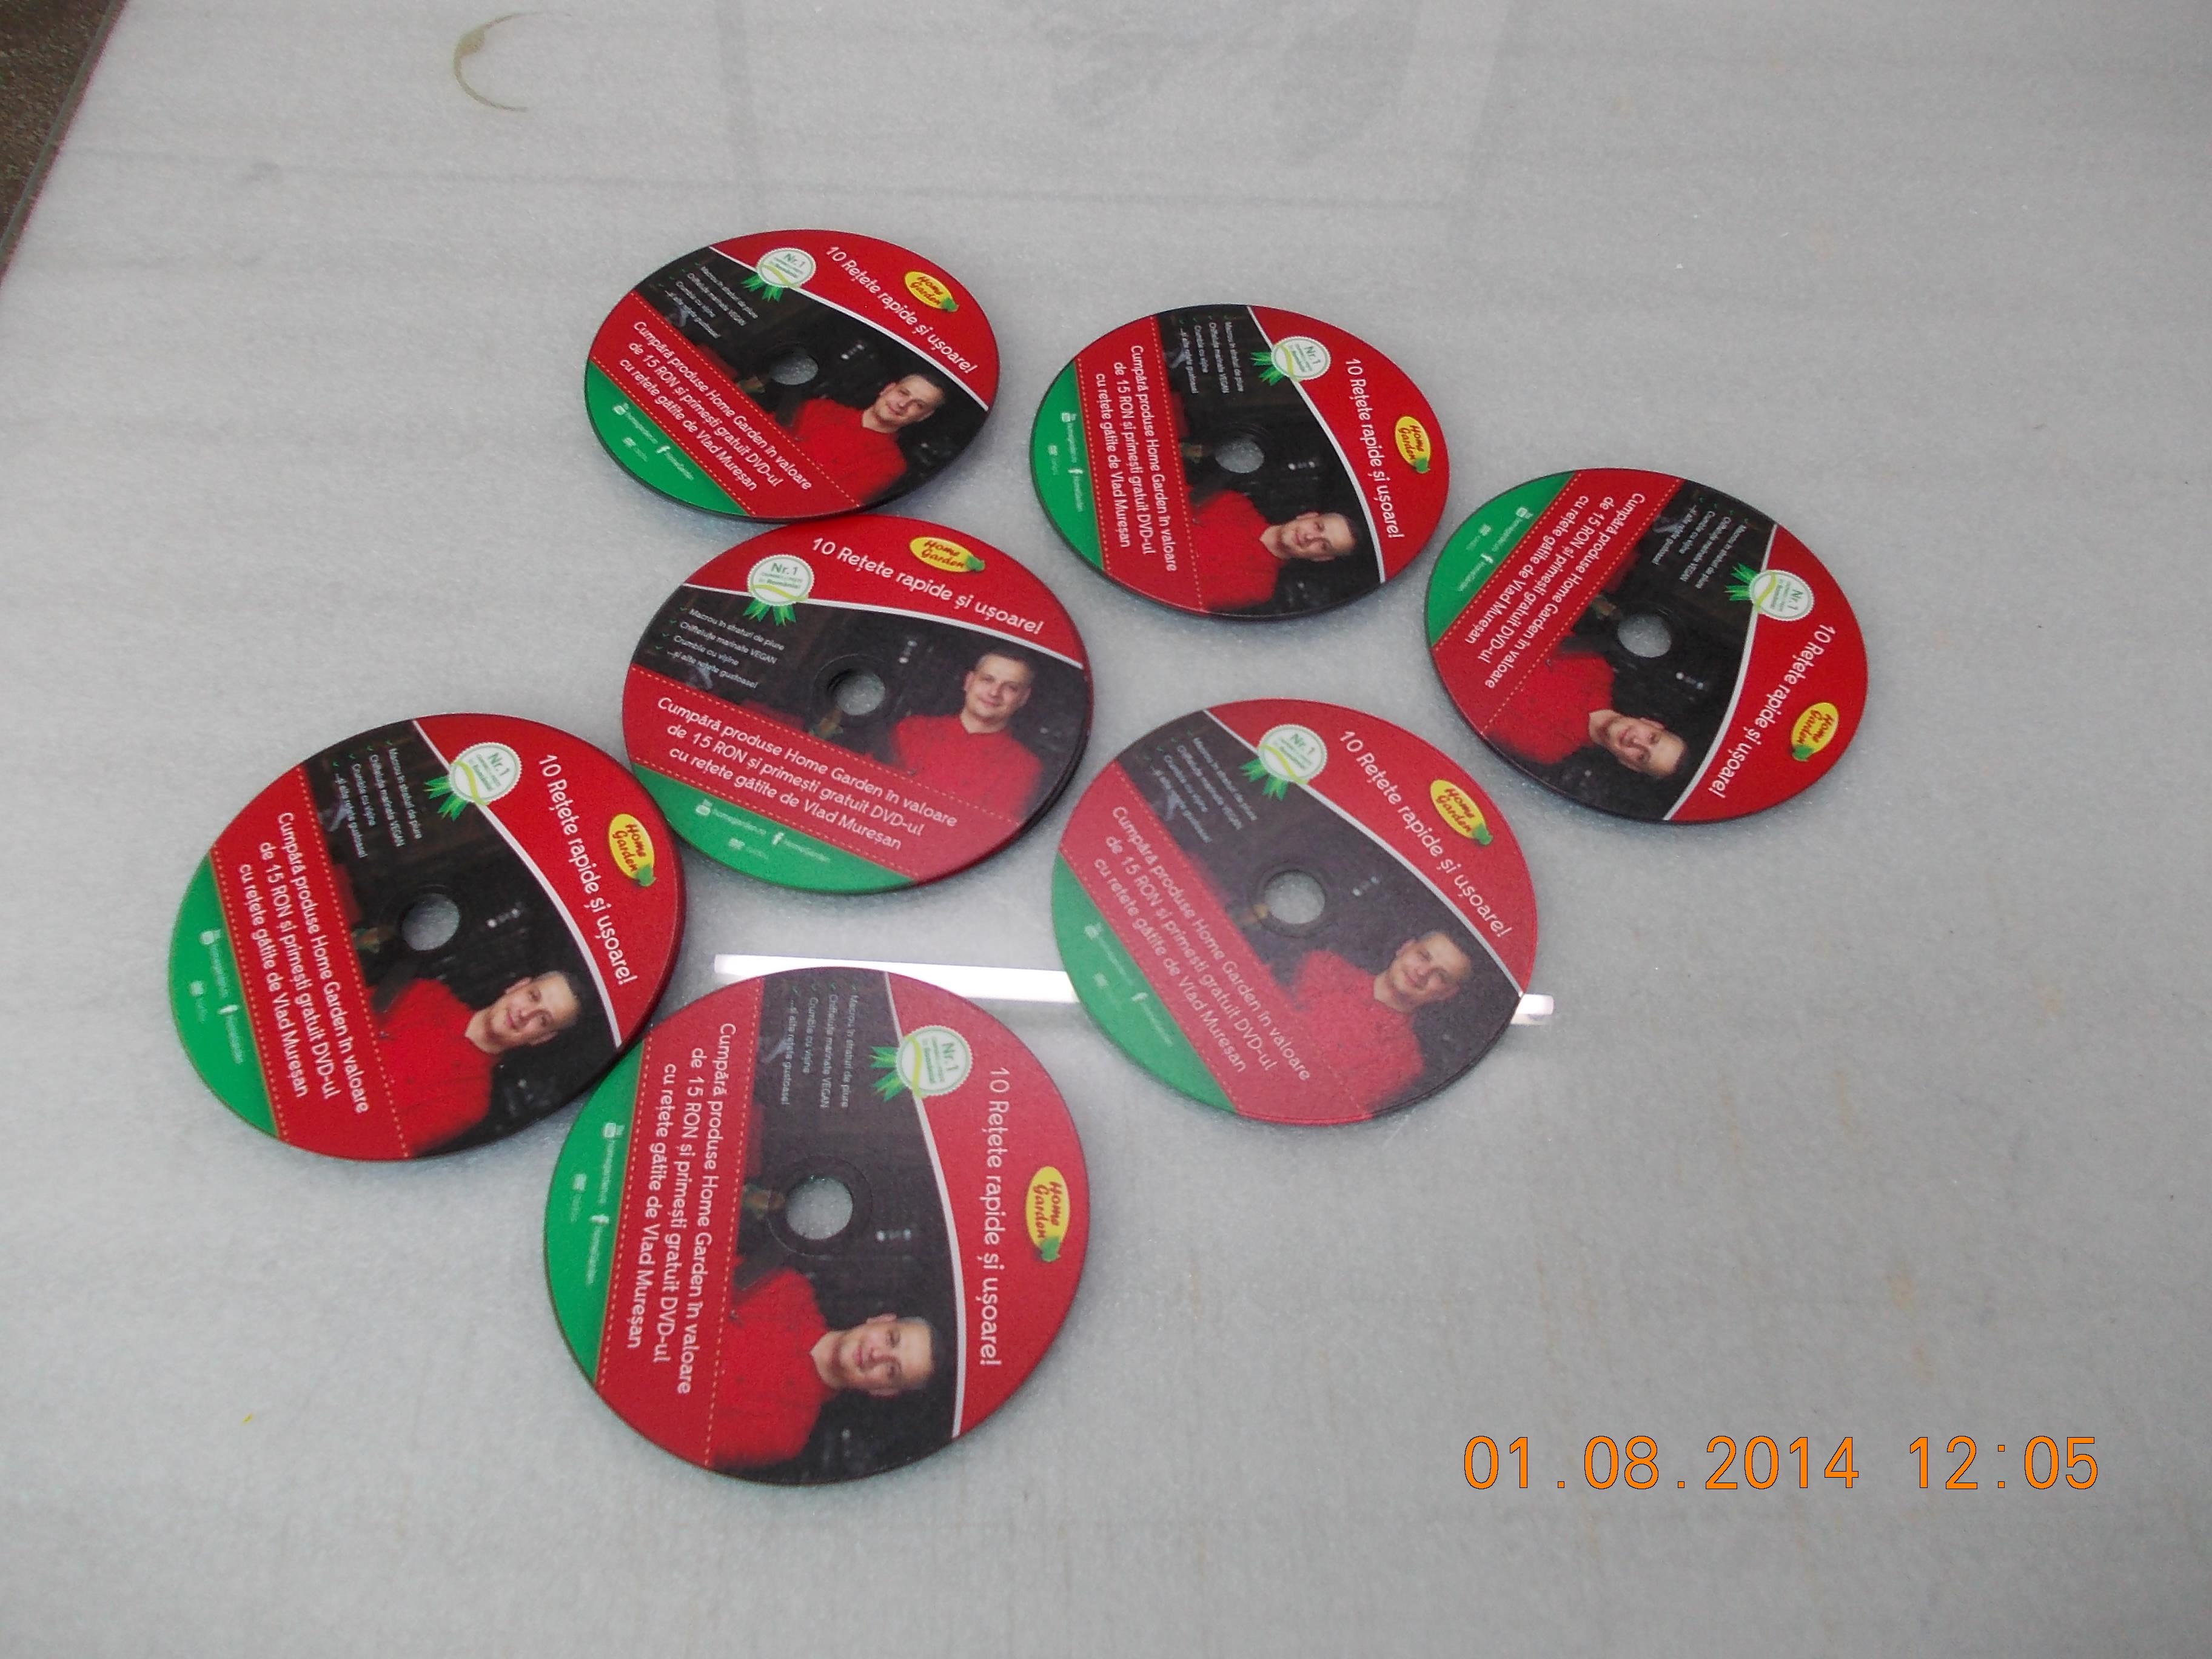 personalizare cd sau dvd campanie